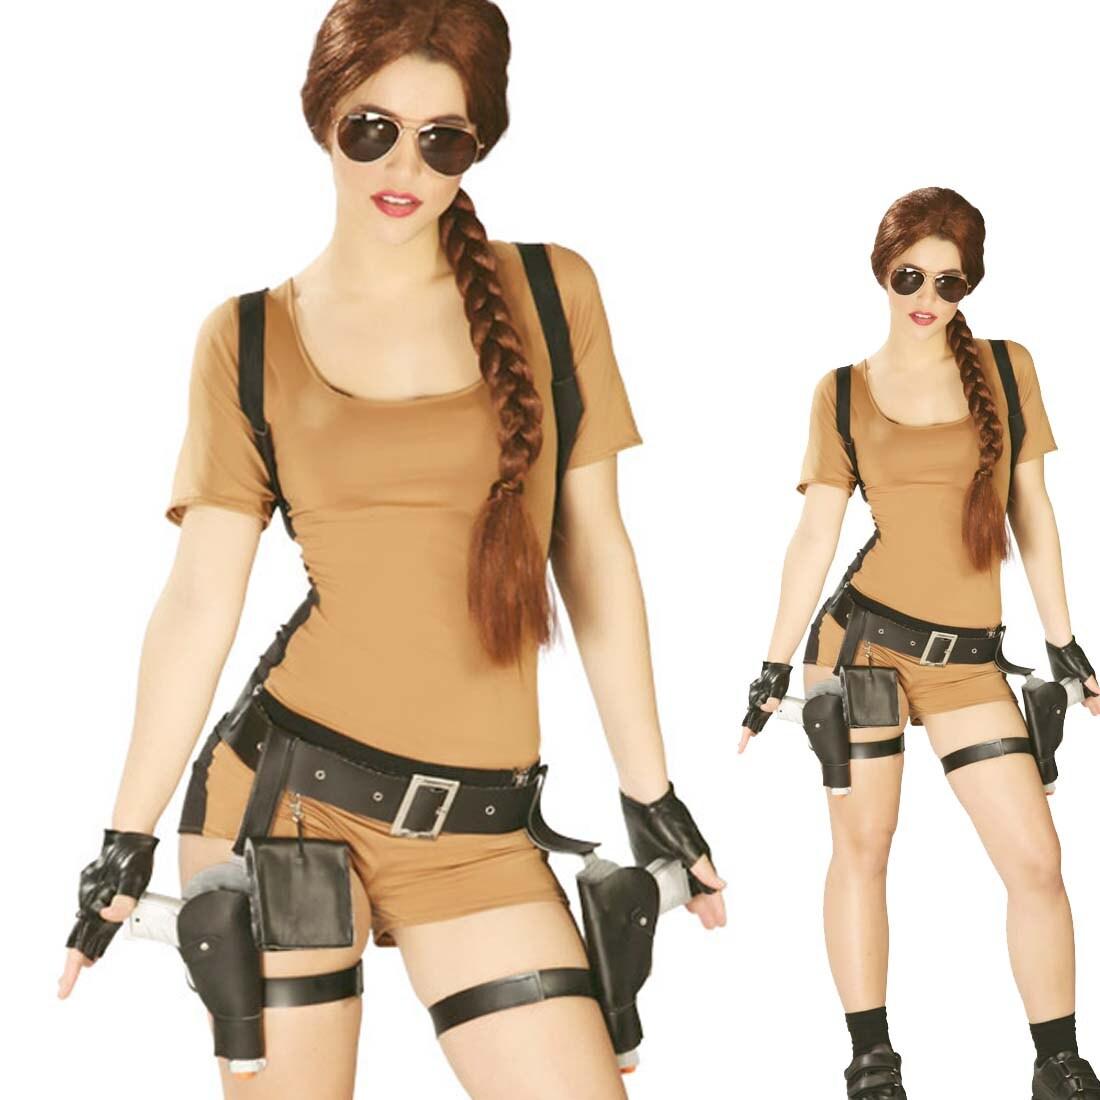 Lara Croft Kostüm Tomb Raider Damenkostüm L 4244 2699